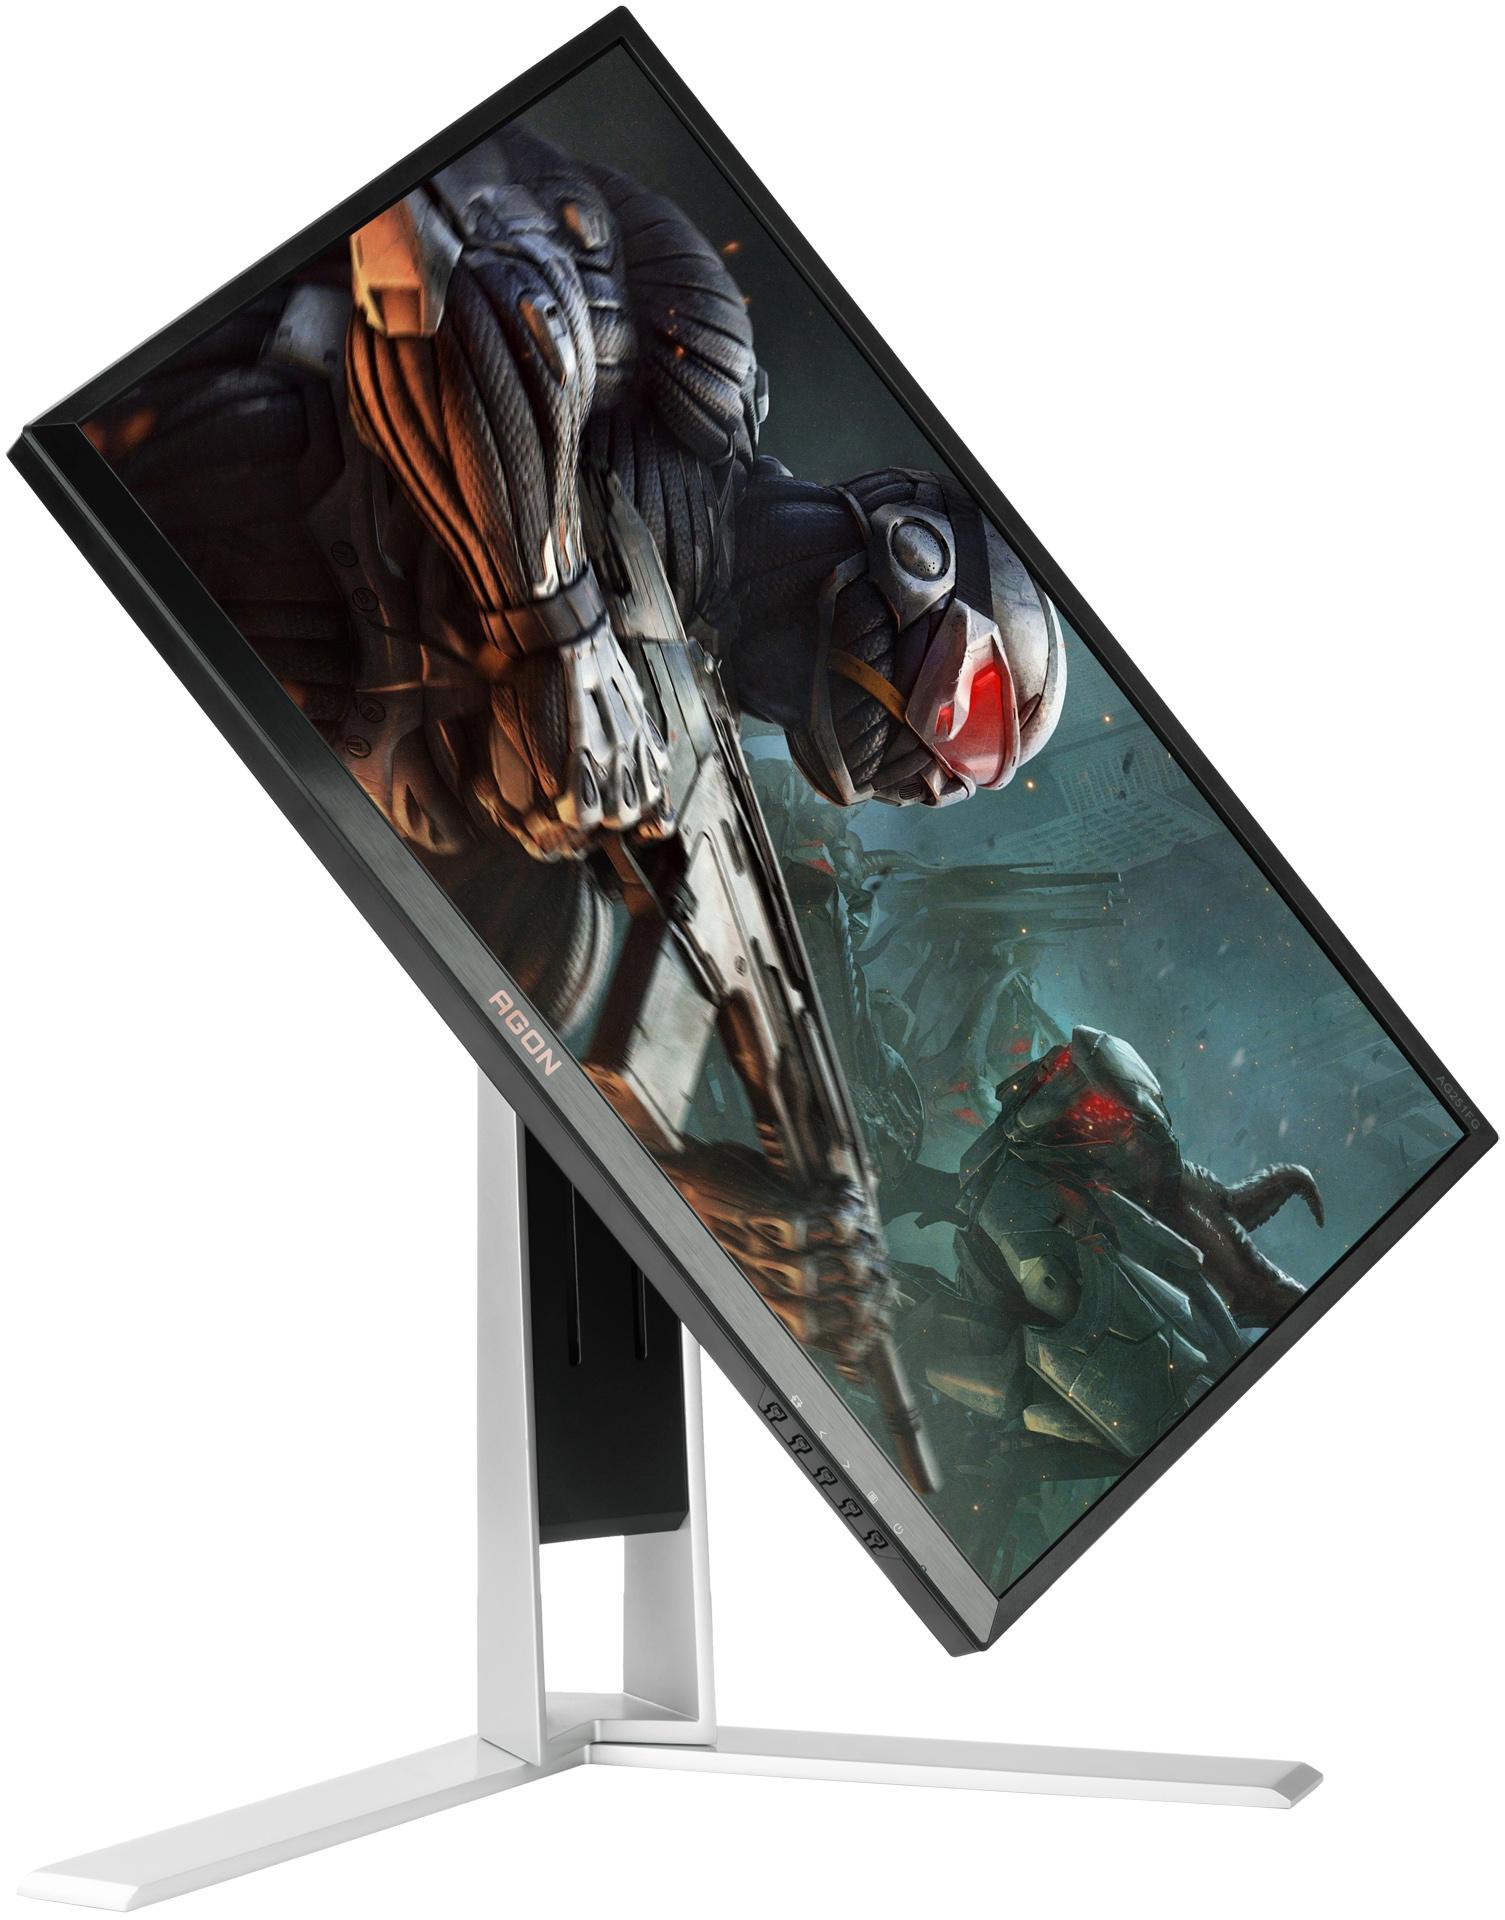 Тру-геймерский монитор: тестируем игровой 25-дюймовый AOC AG251FG